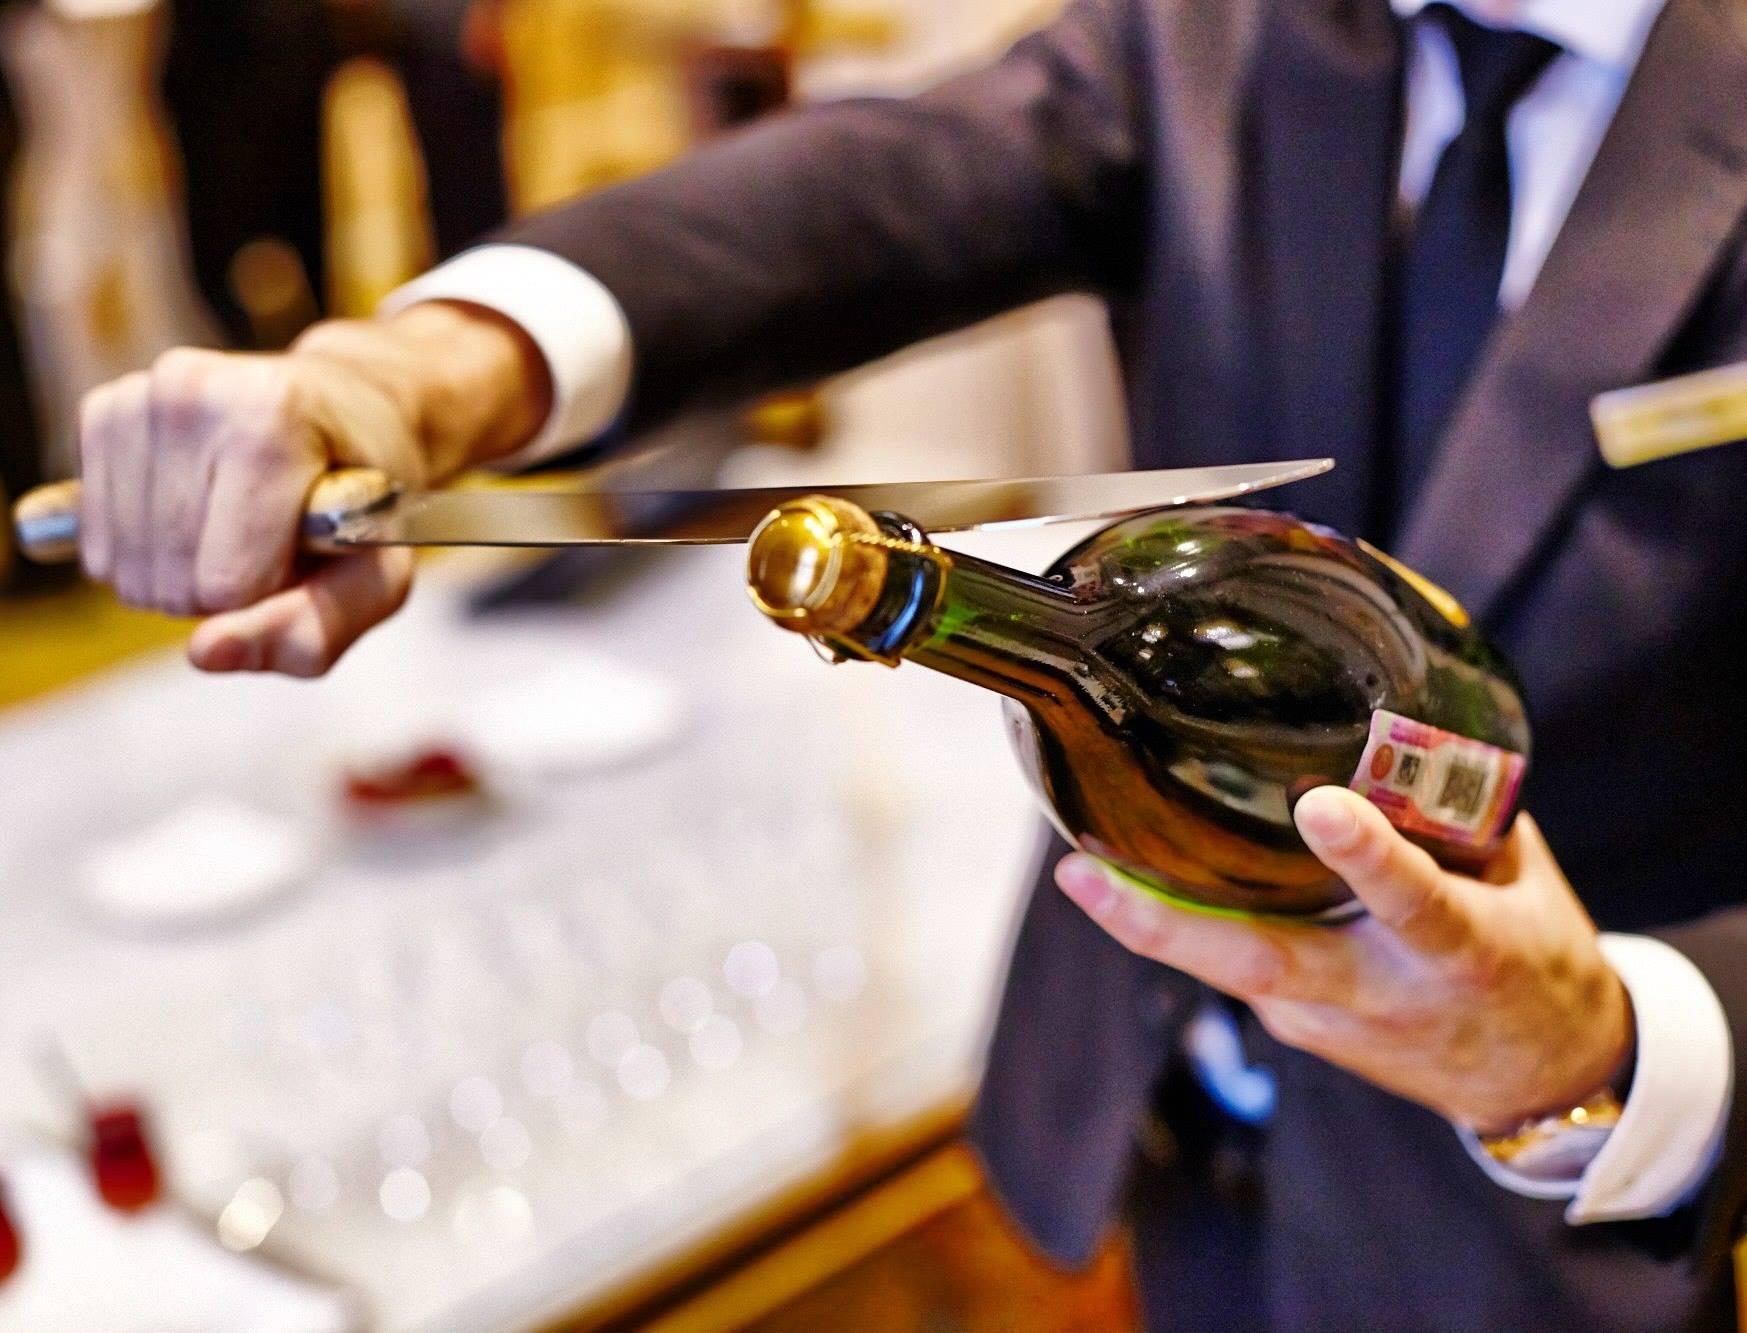 фото открывание шампанского принадлежит злокачественным